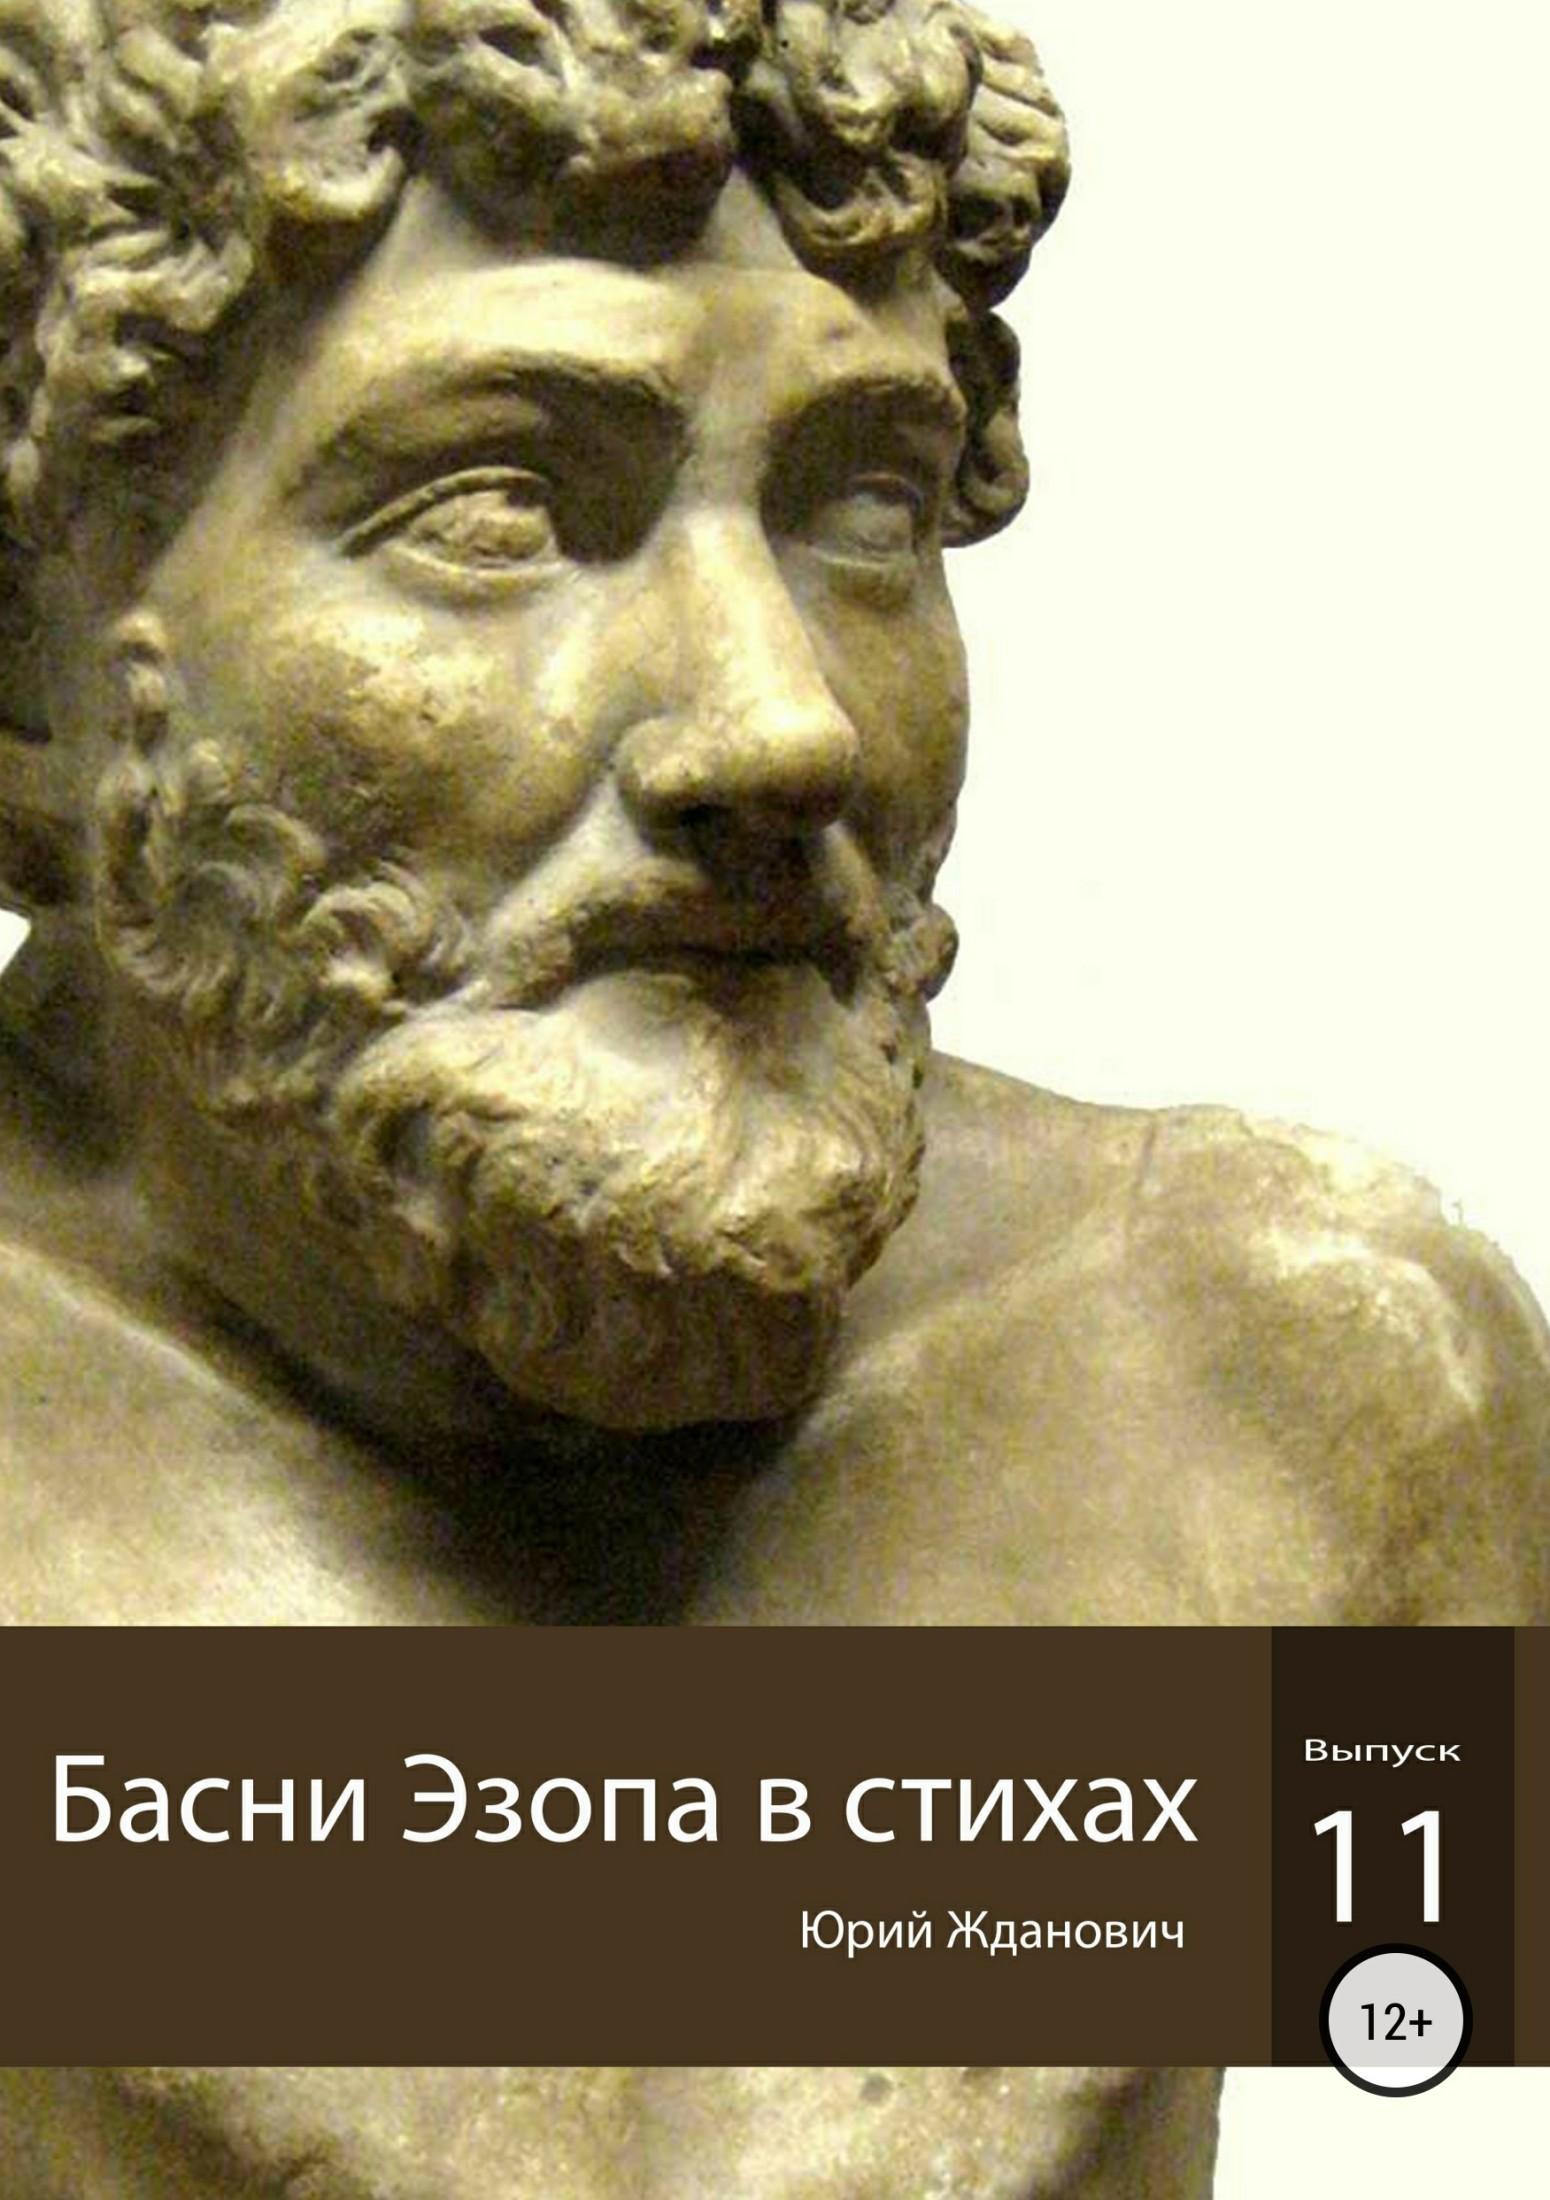 Юрий Михайлович Жданович Басни Эзопа в стихах. Выпуск 11